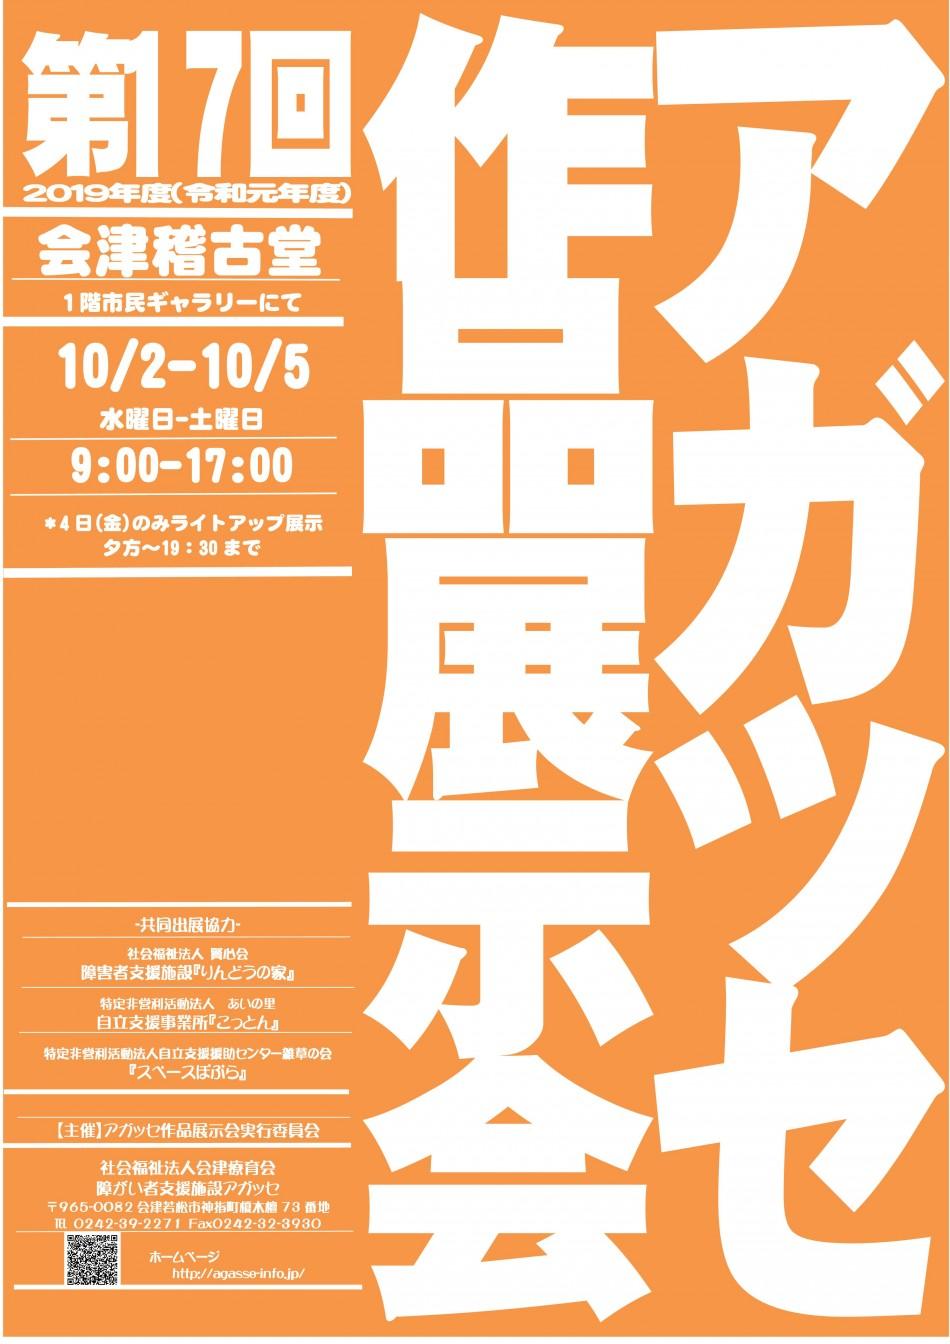 作品展2019 ポスター-3オレンジ-後援無